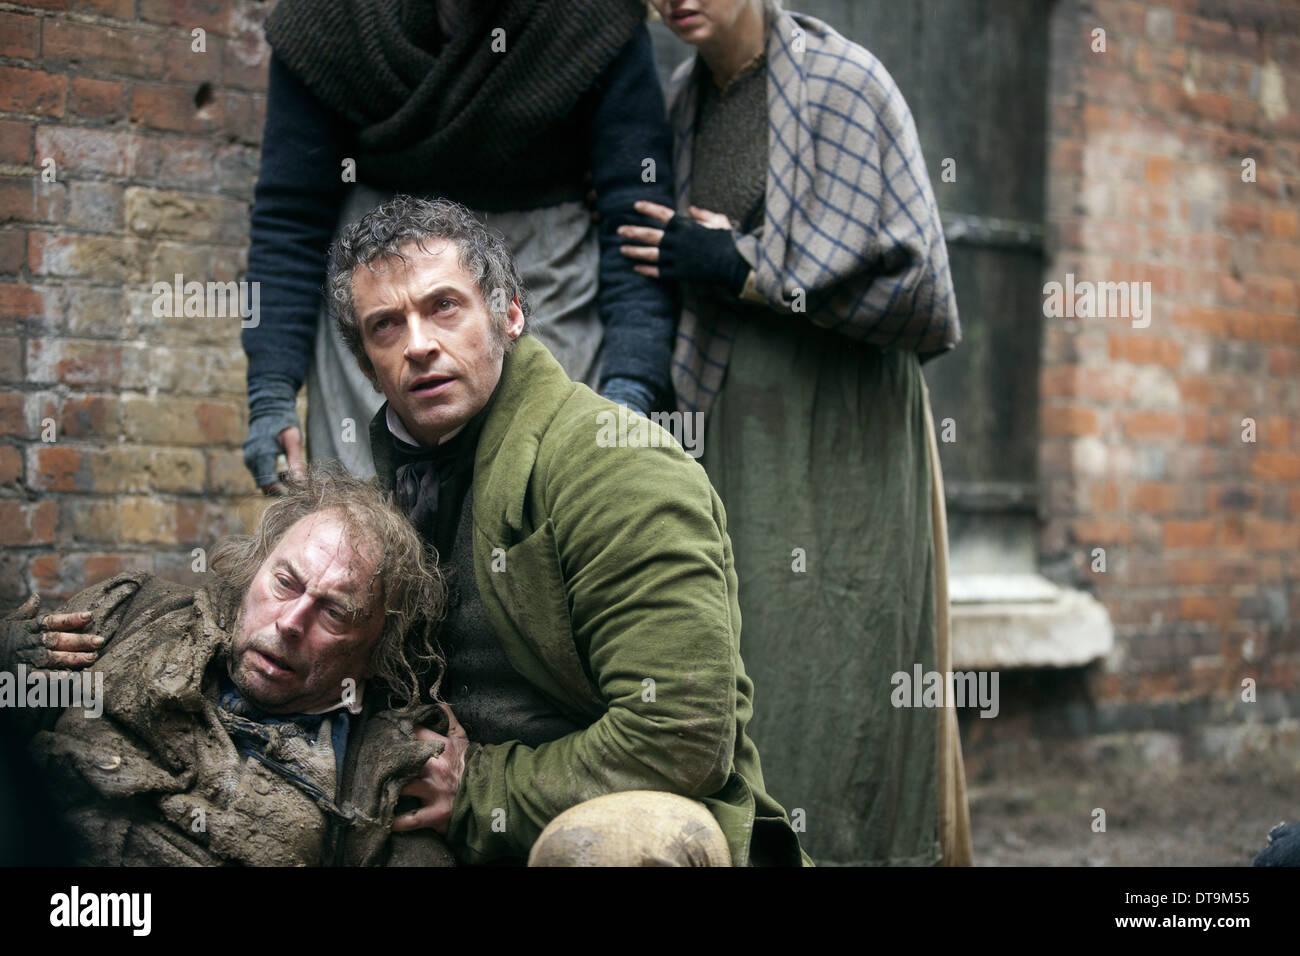 Jean Valjean Stock Photos & Jean Valjean Stock Images - Alamy  Jean Valjean St...